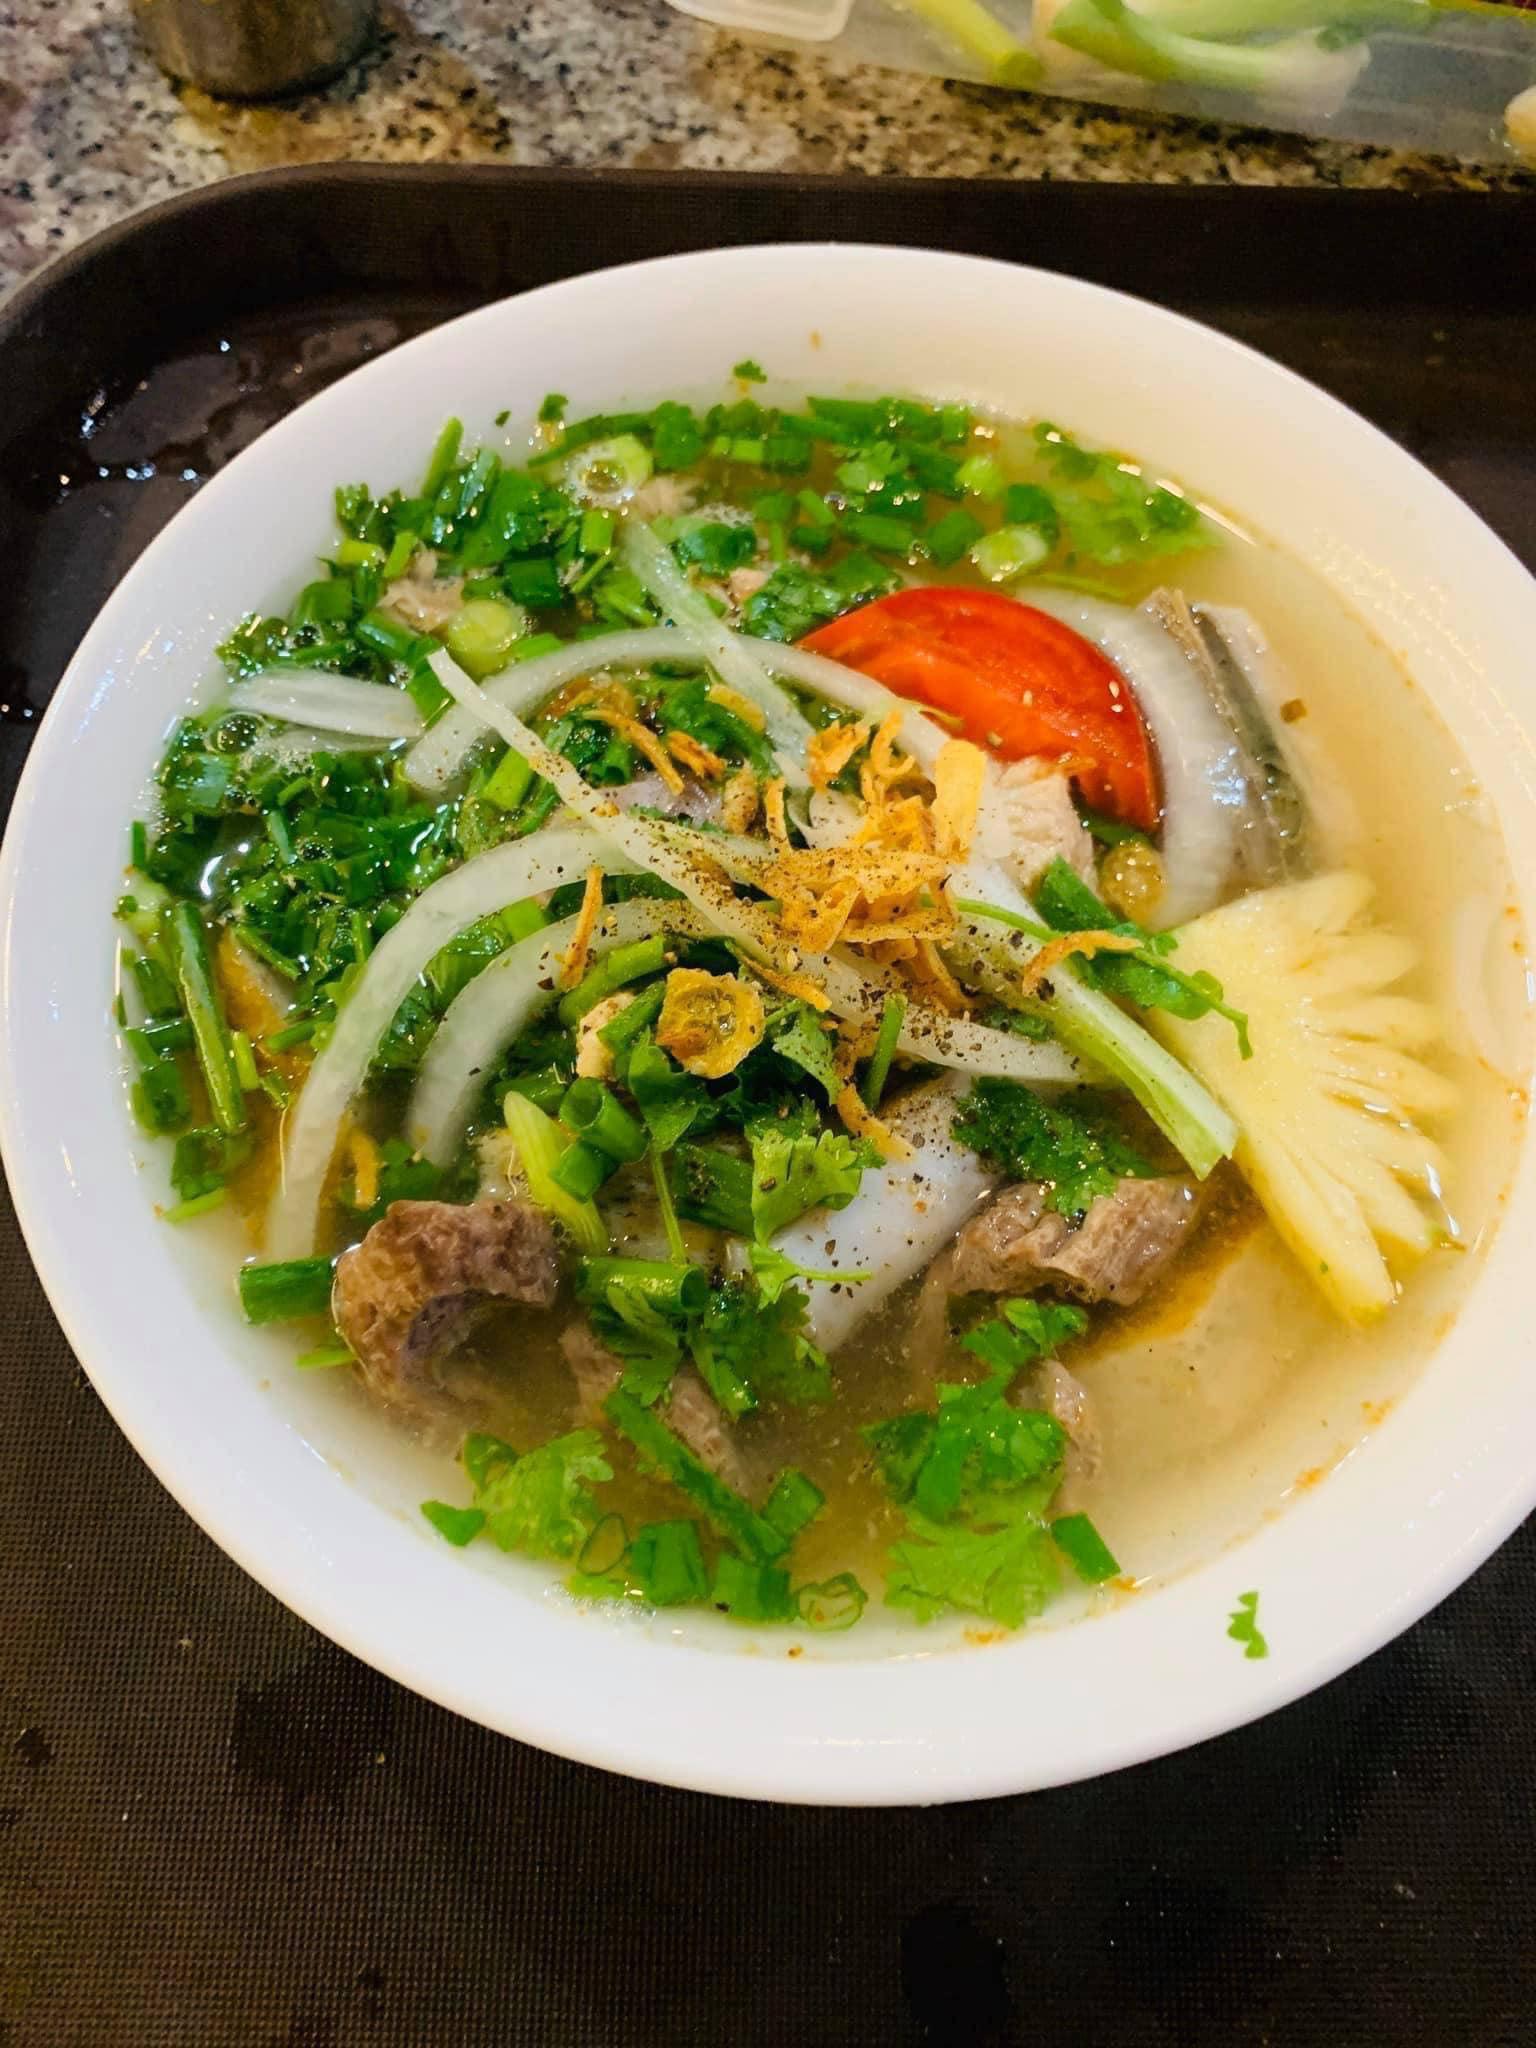 Tô bún bắp cá ngừ Phú Yên hấp dẫn